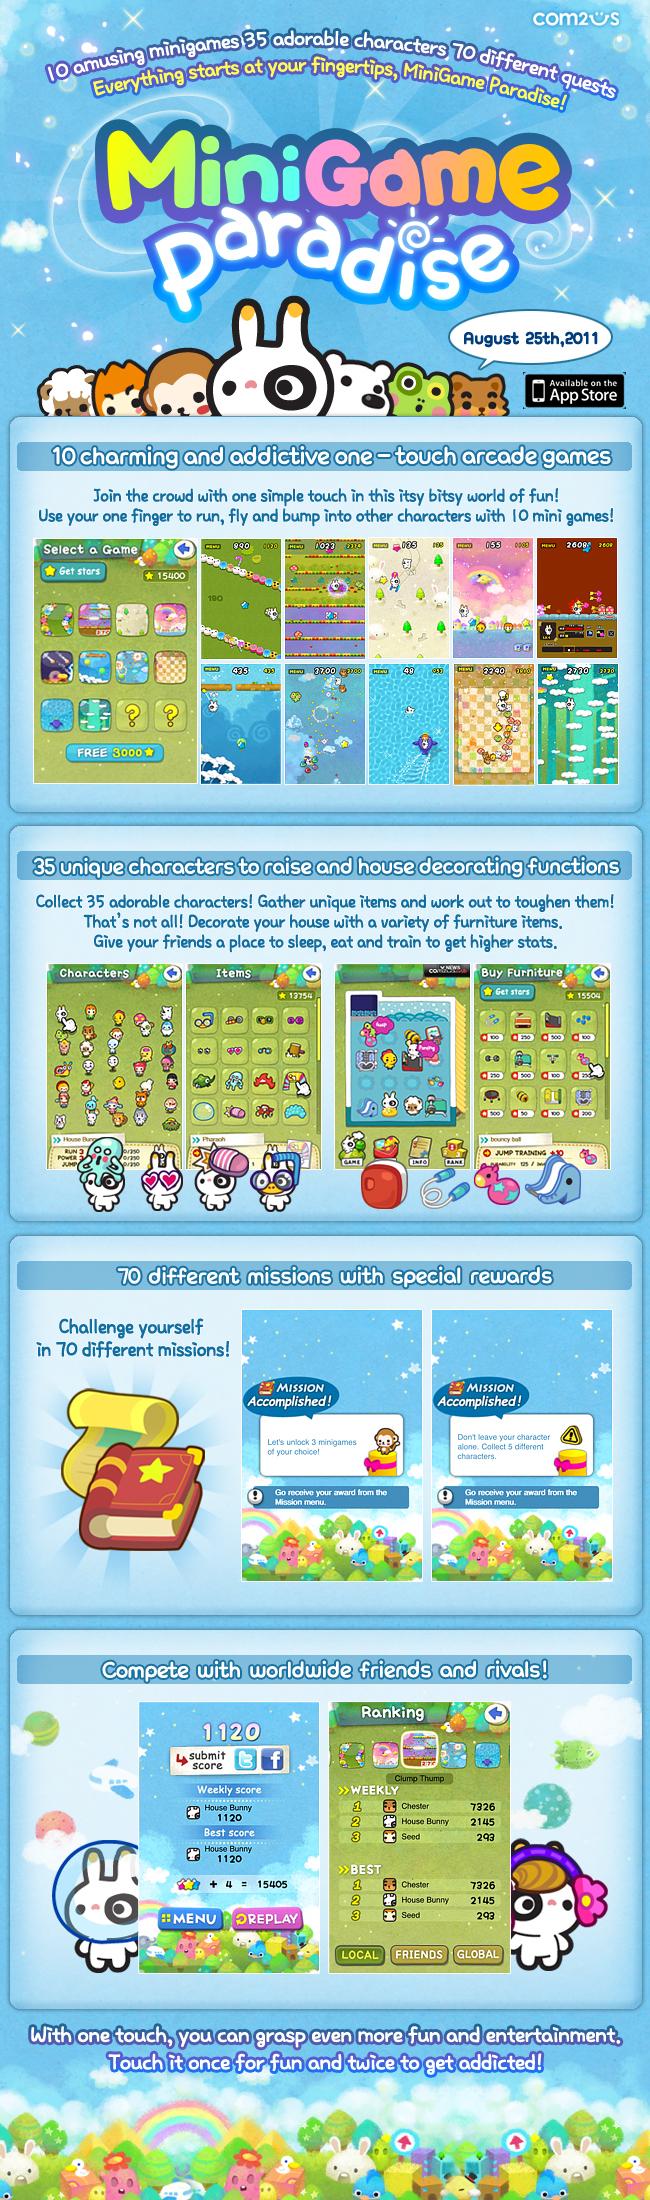 MiniGame Paradise iPhone 2